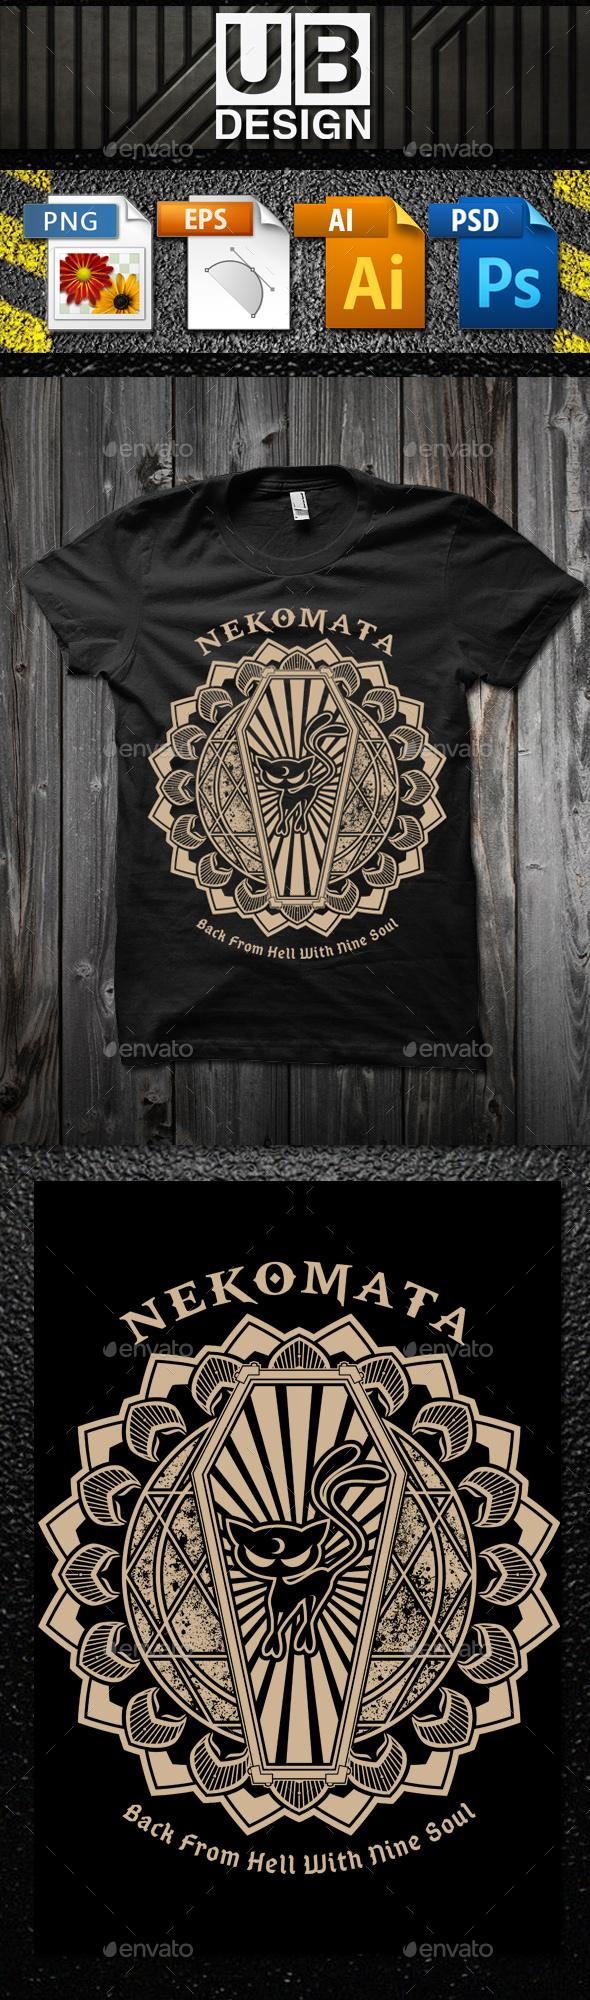 Nekomata T-Shirt Template - Grunge Designs